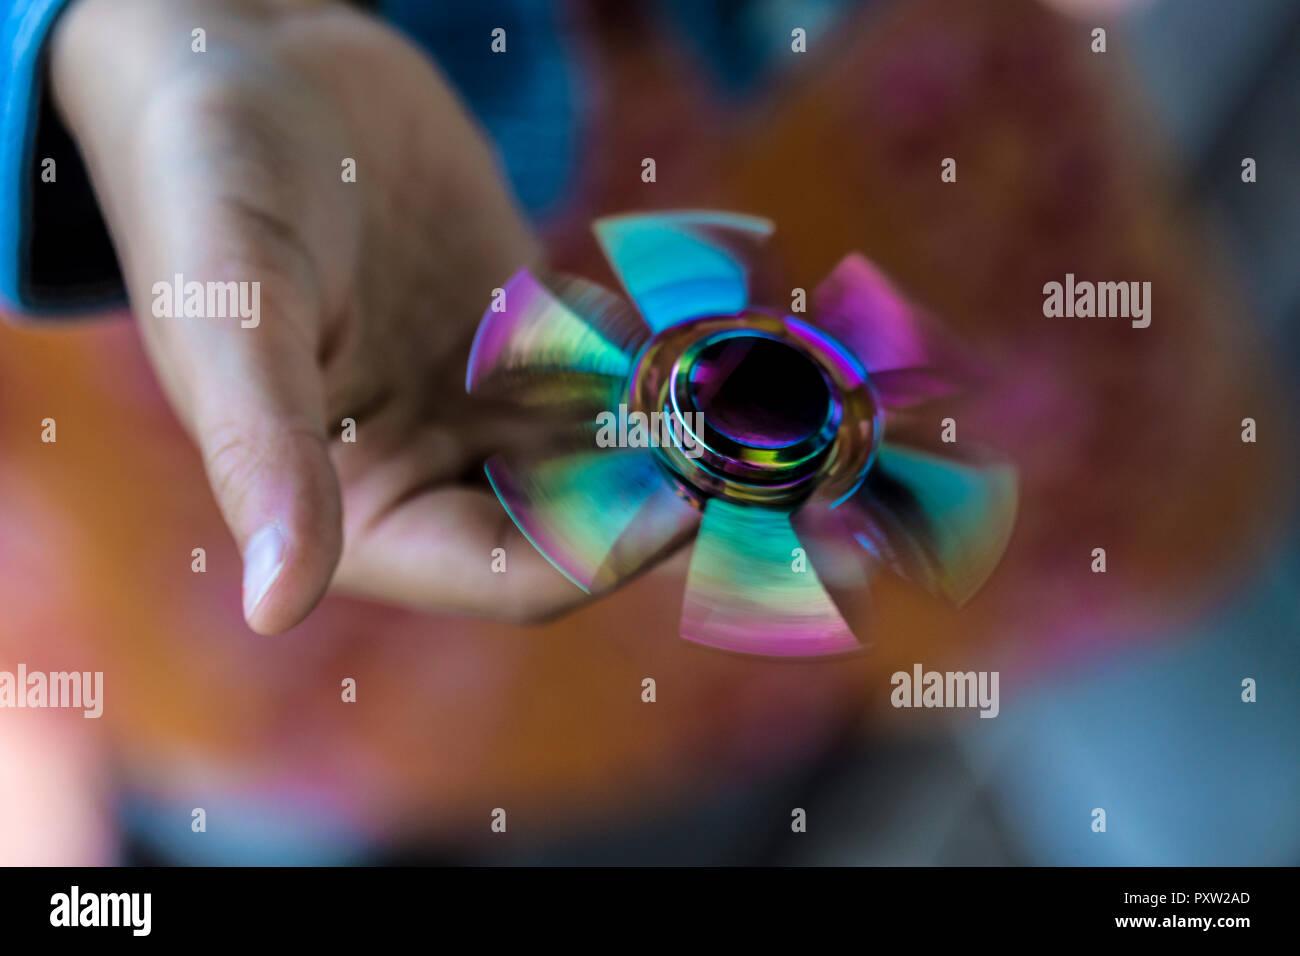 Hand of girl holding rotating Fidget Spinner - Stock Image